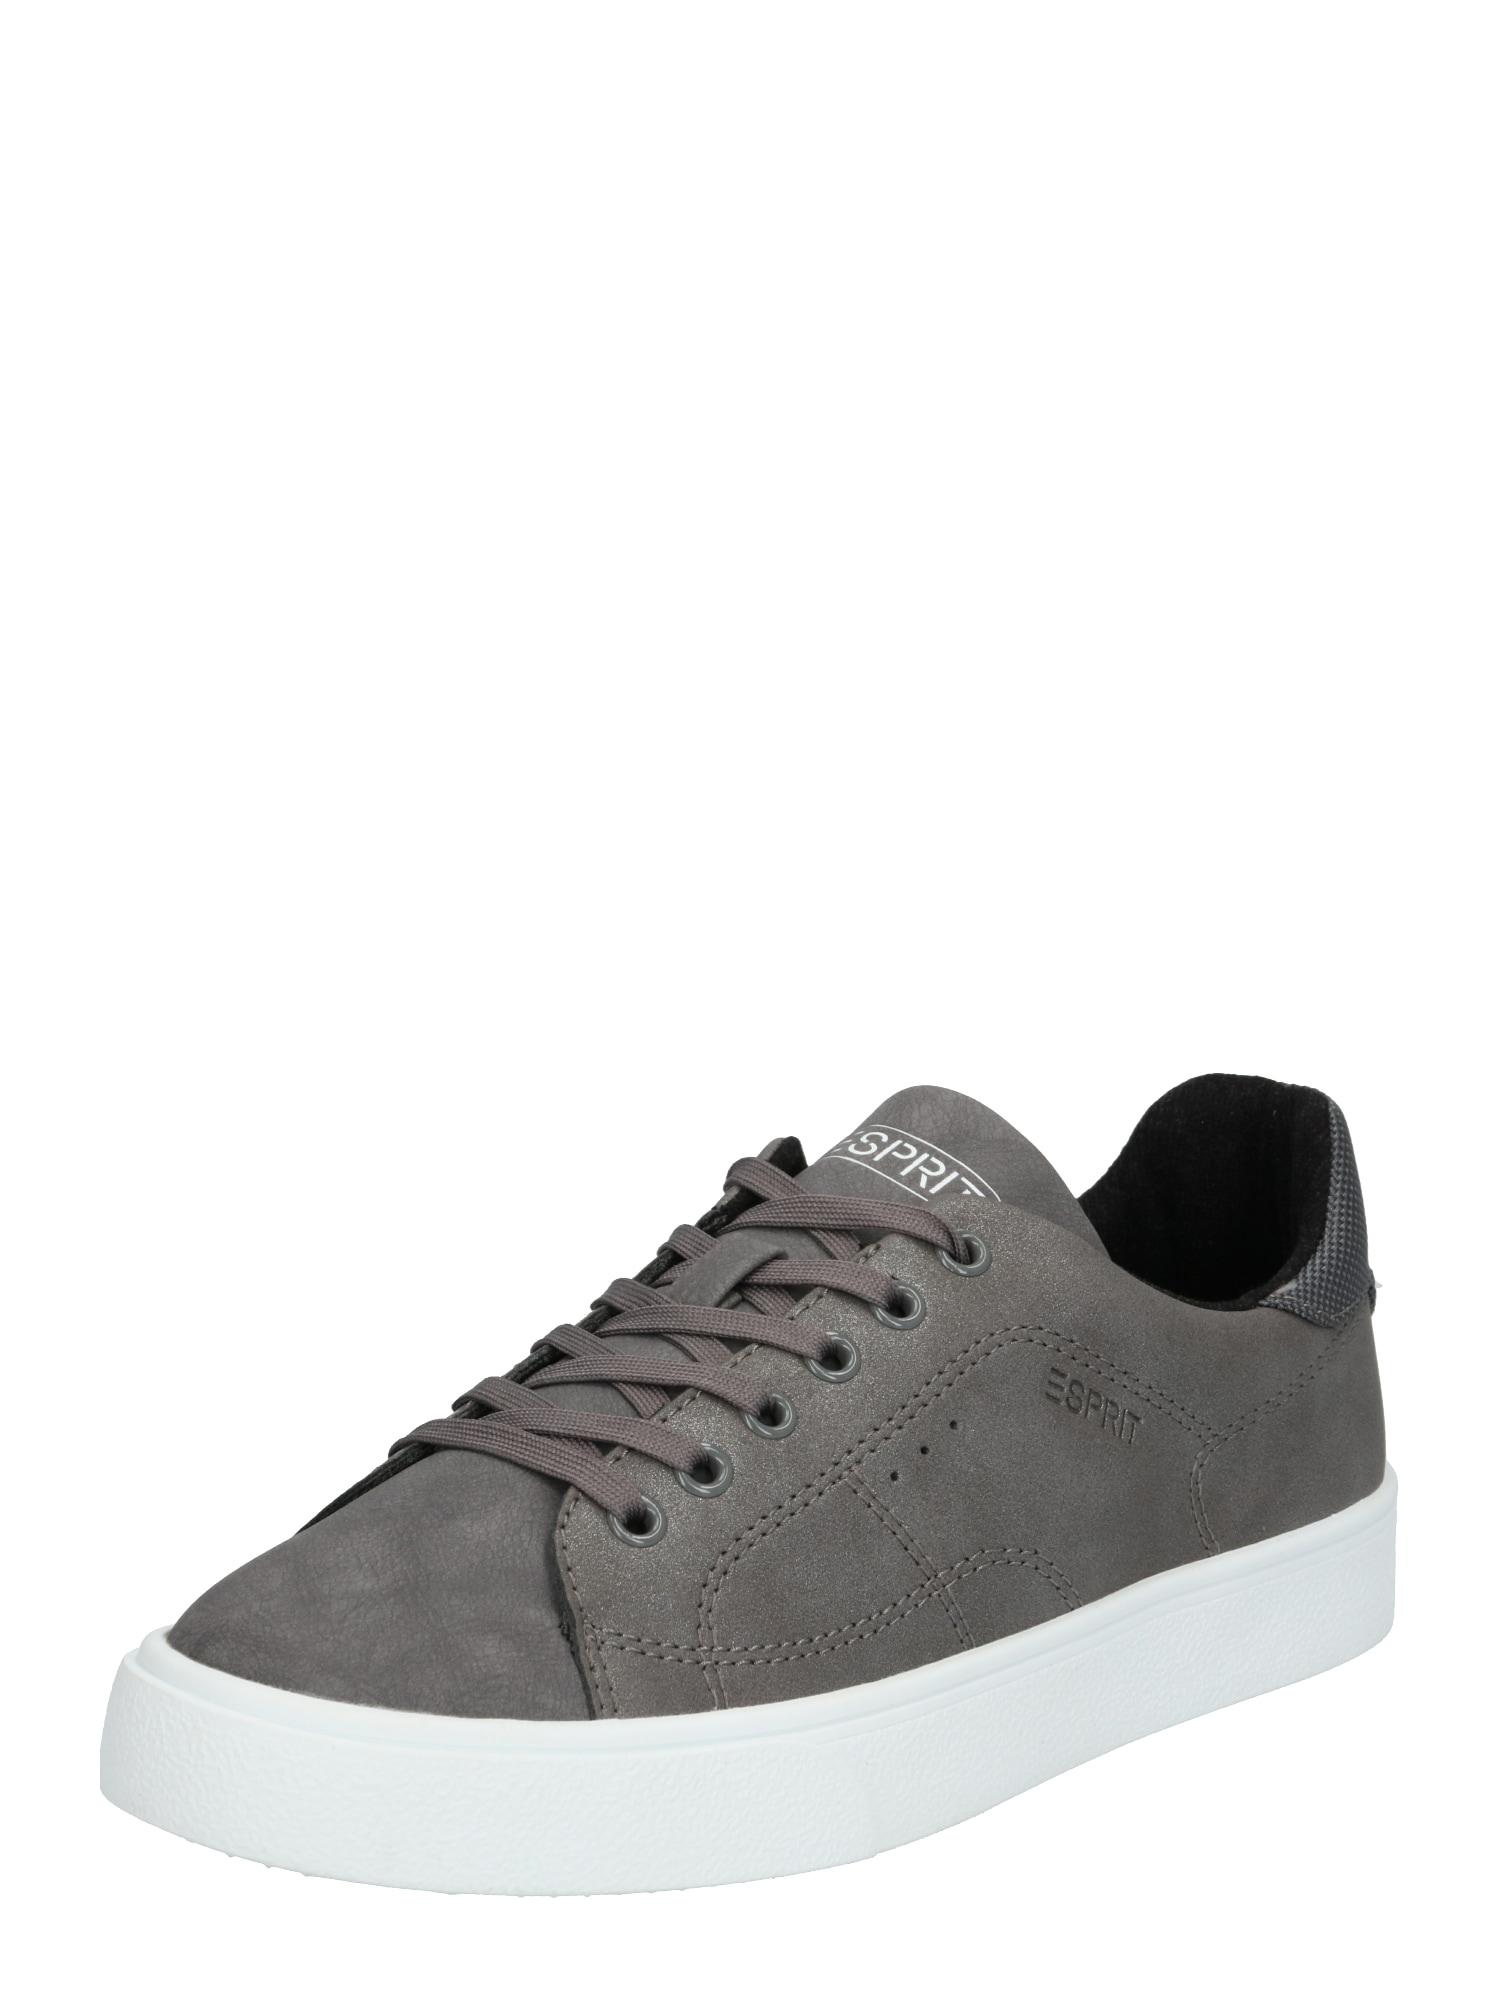 Sneaker 'Cherry LU ' | Schuhe > Sneaker > Sneaker | Esprit